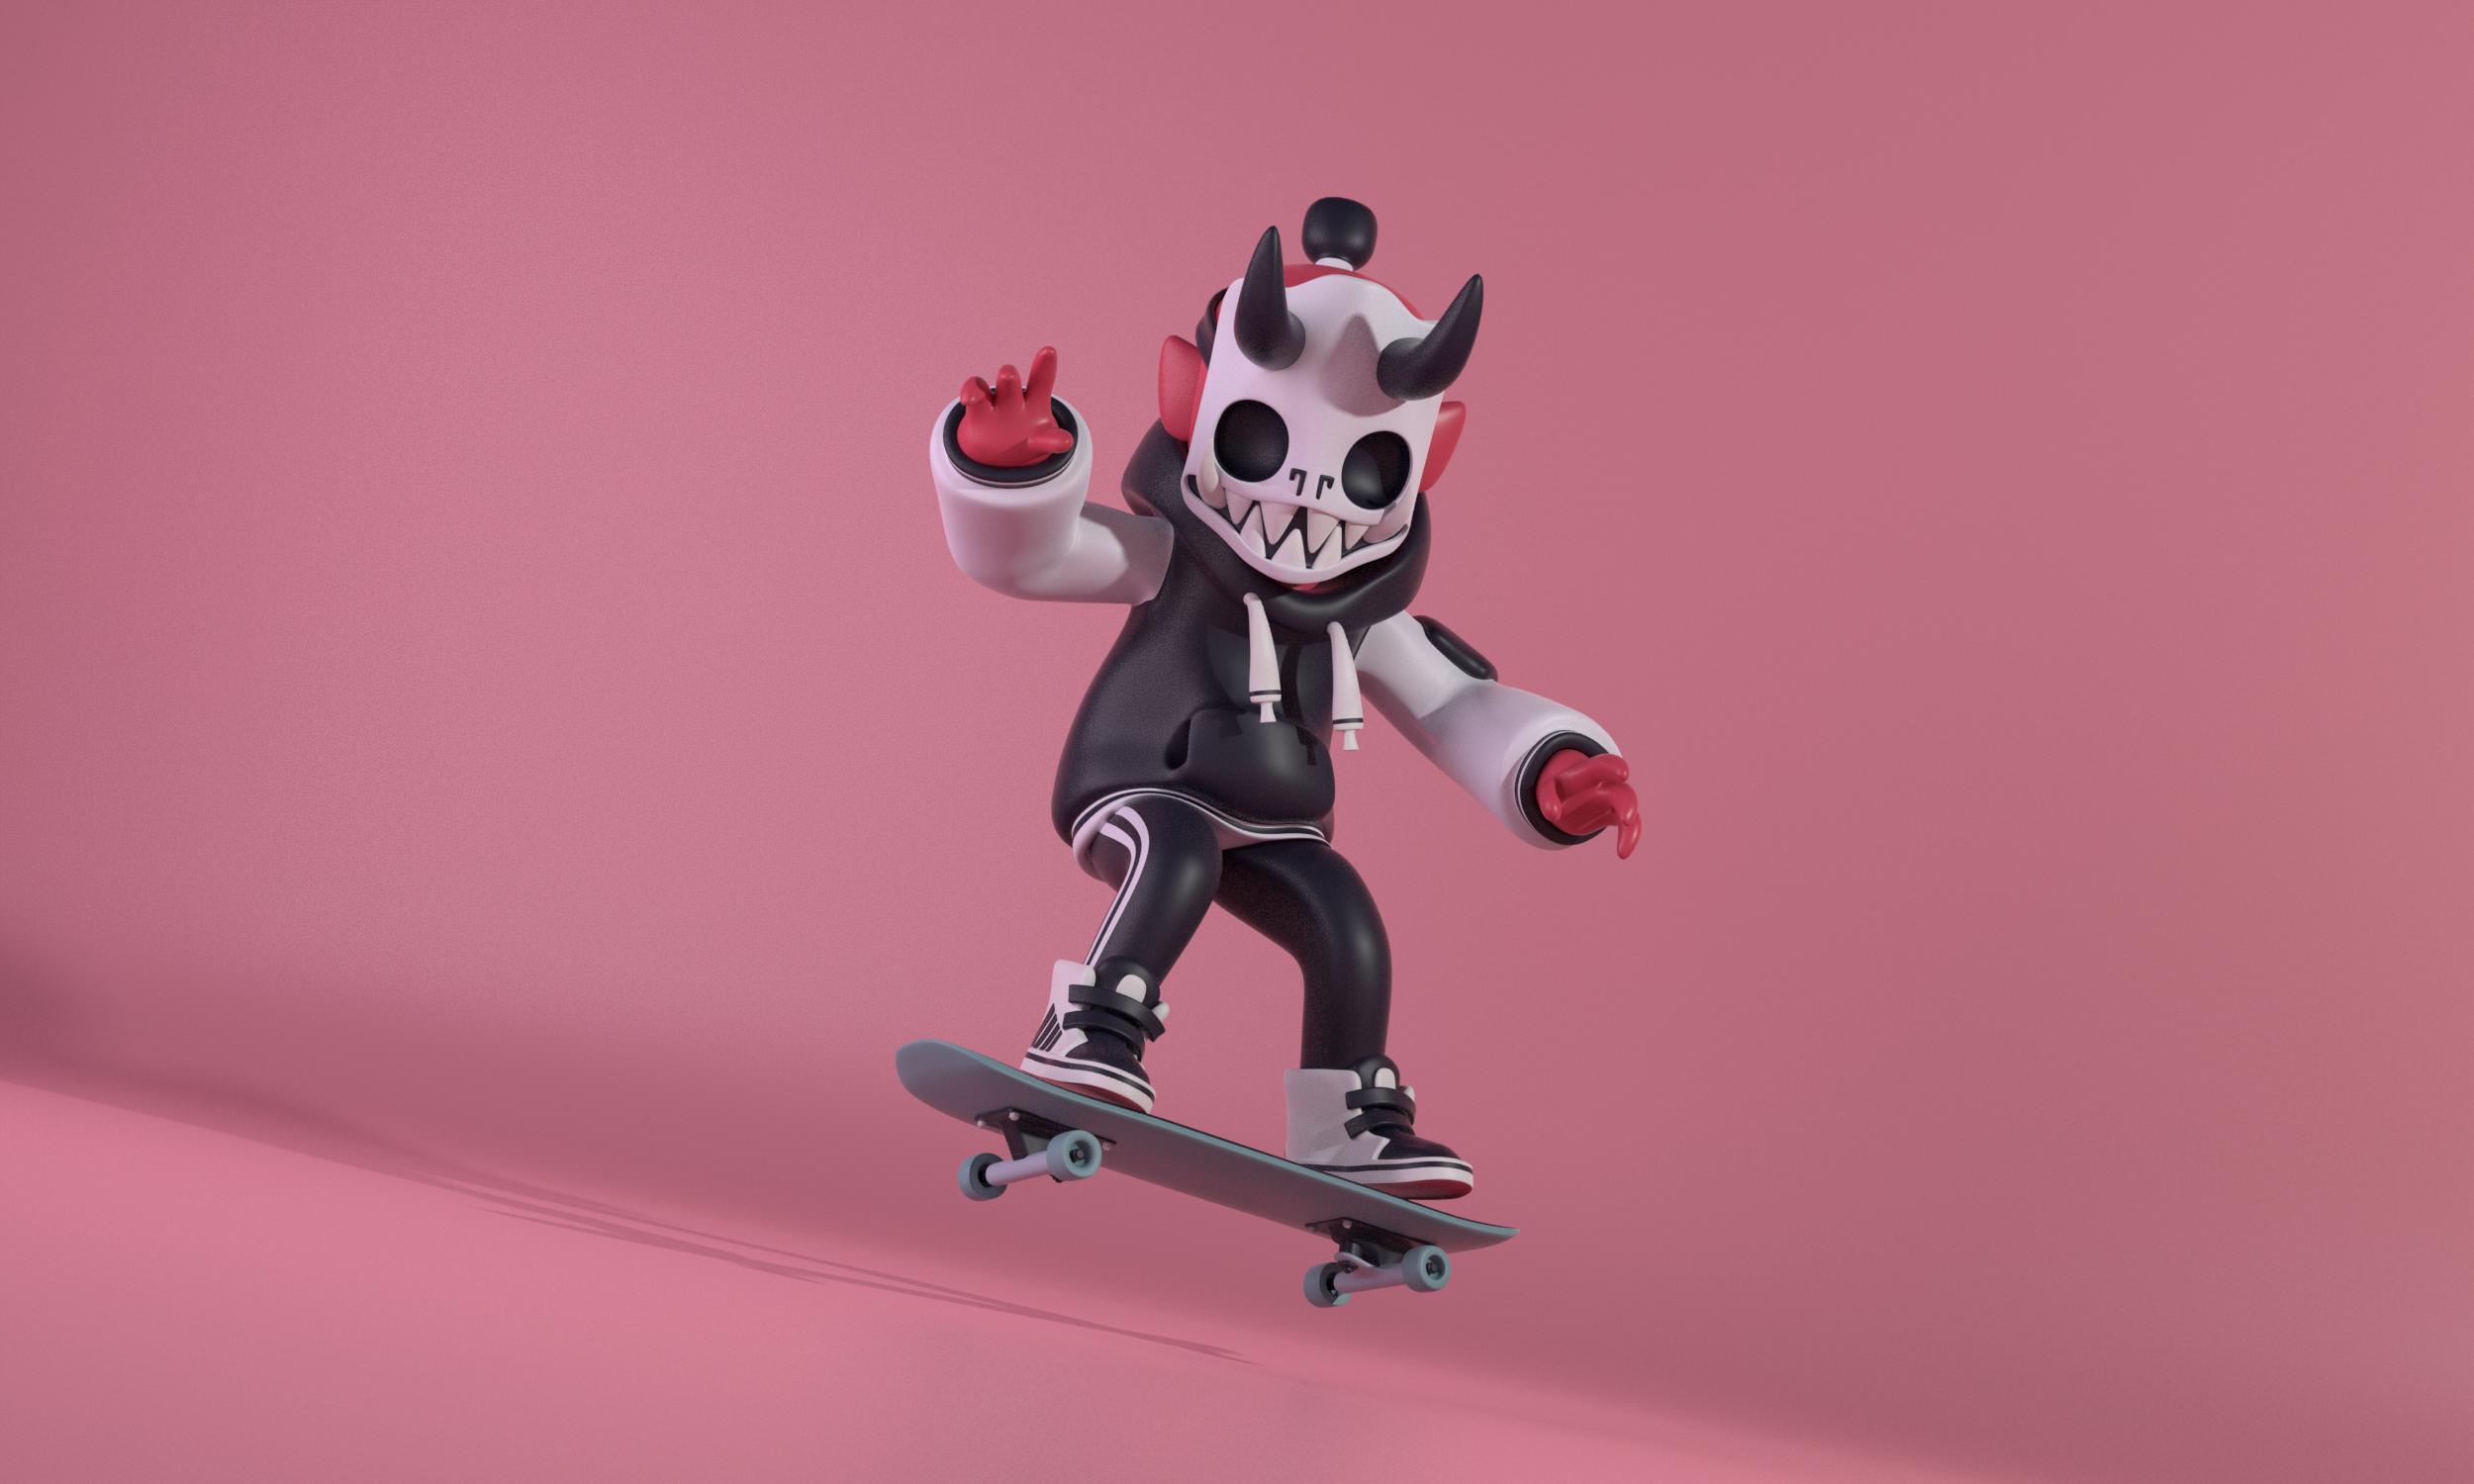 The Skater Boy